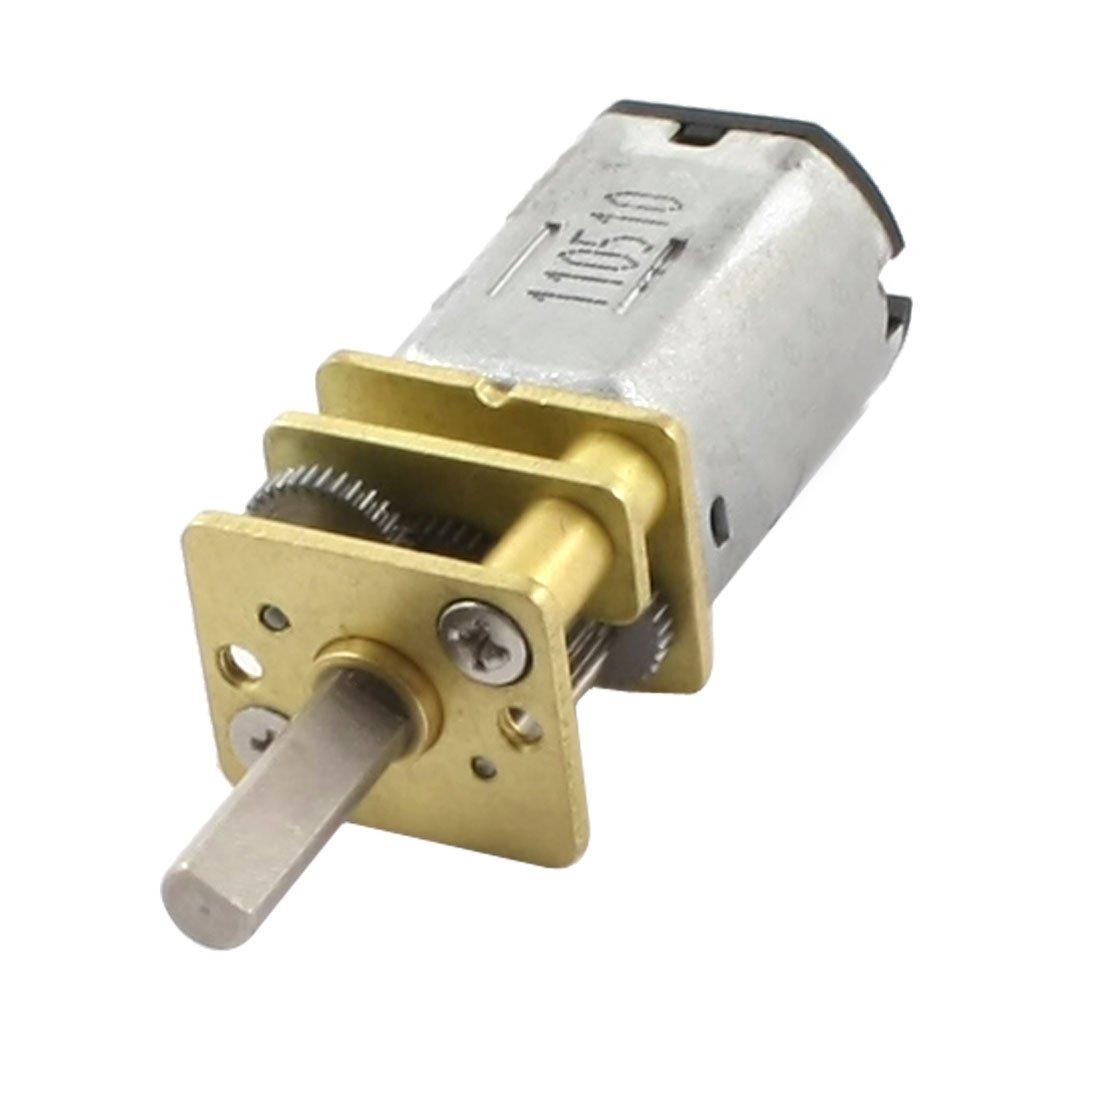 Full steel gear N20 gearmotor smart car Electronic door lock drive Motor 1.5-6V